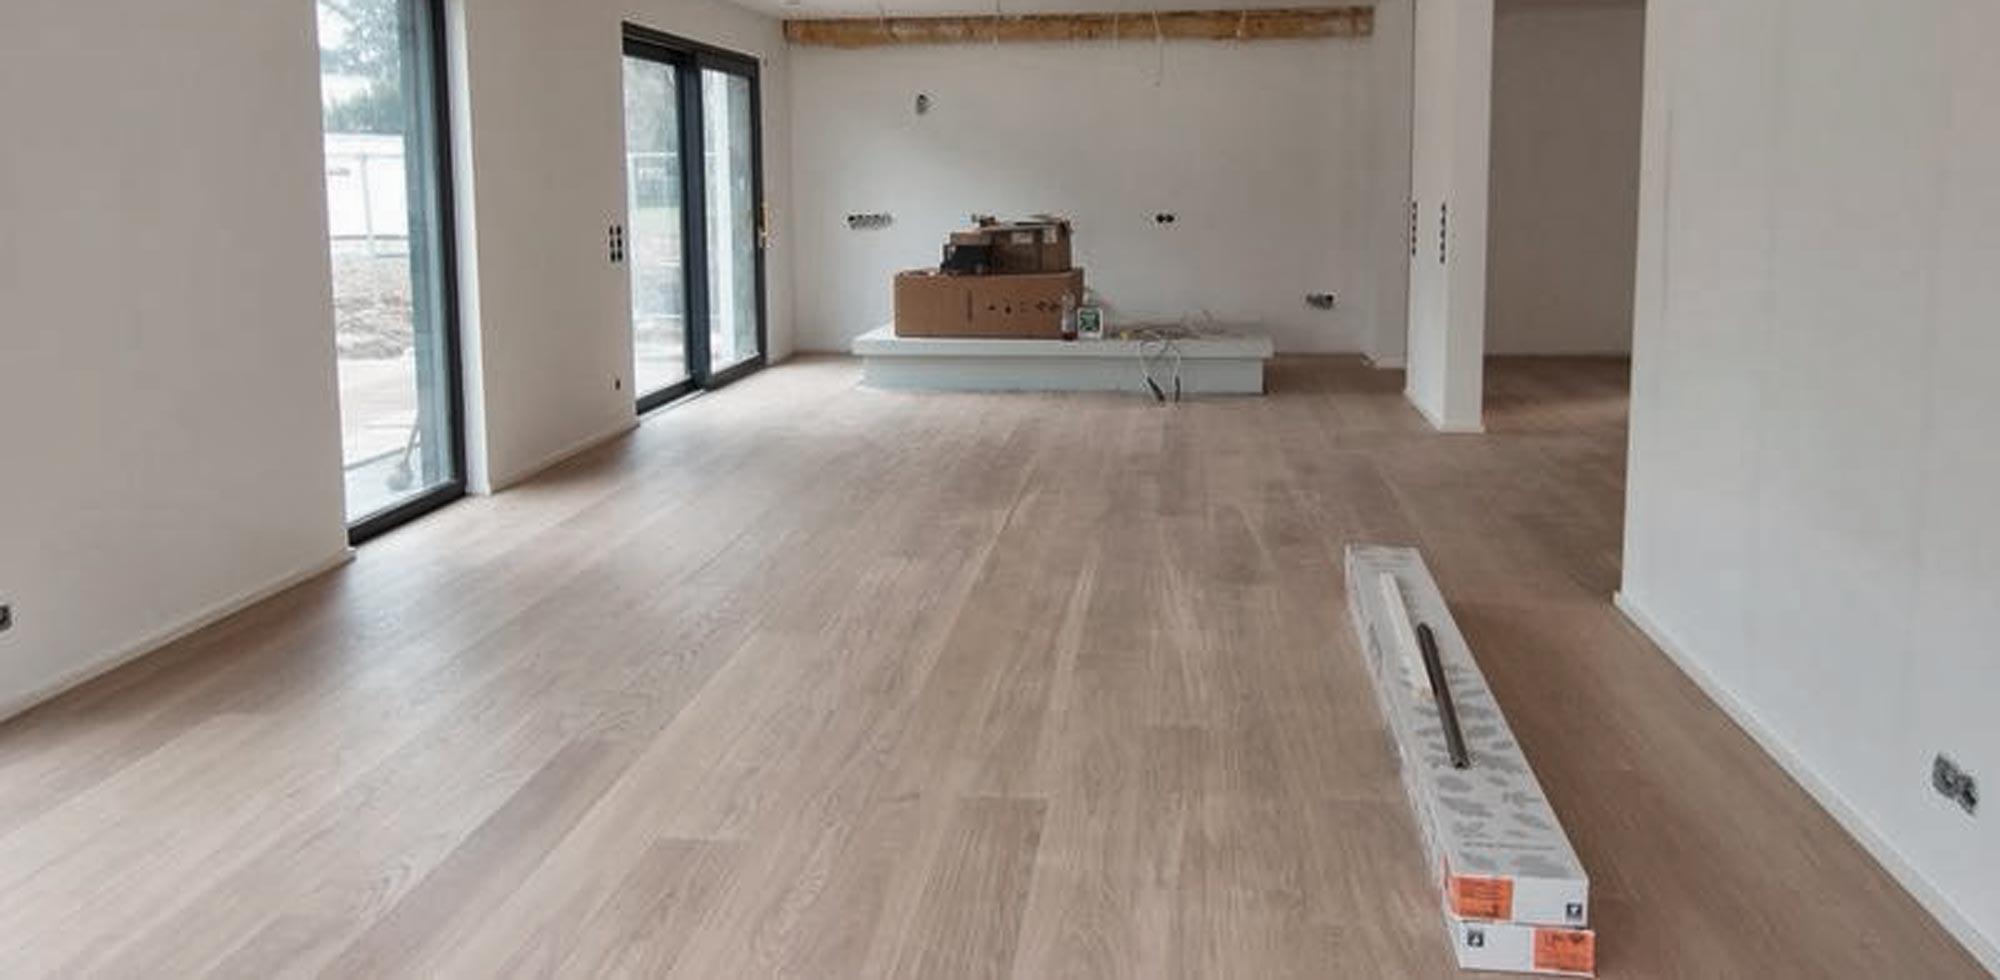 Parklett Eiche Landhausdiele weiß – HolzLand Verbeek